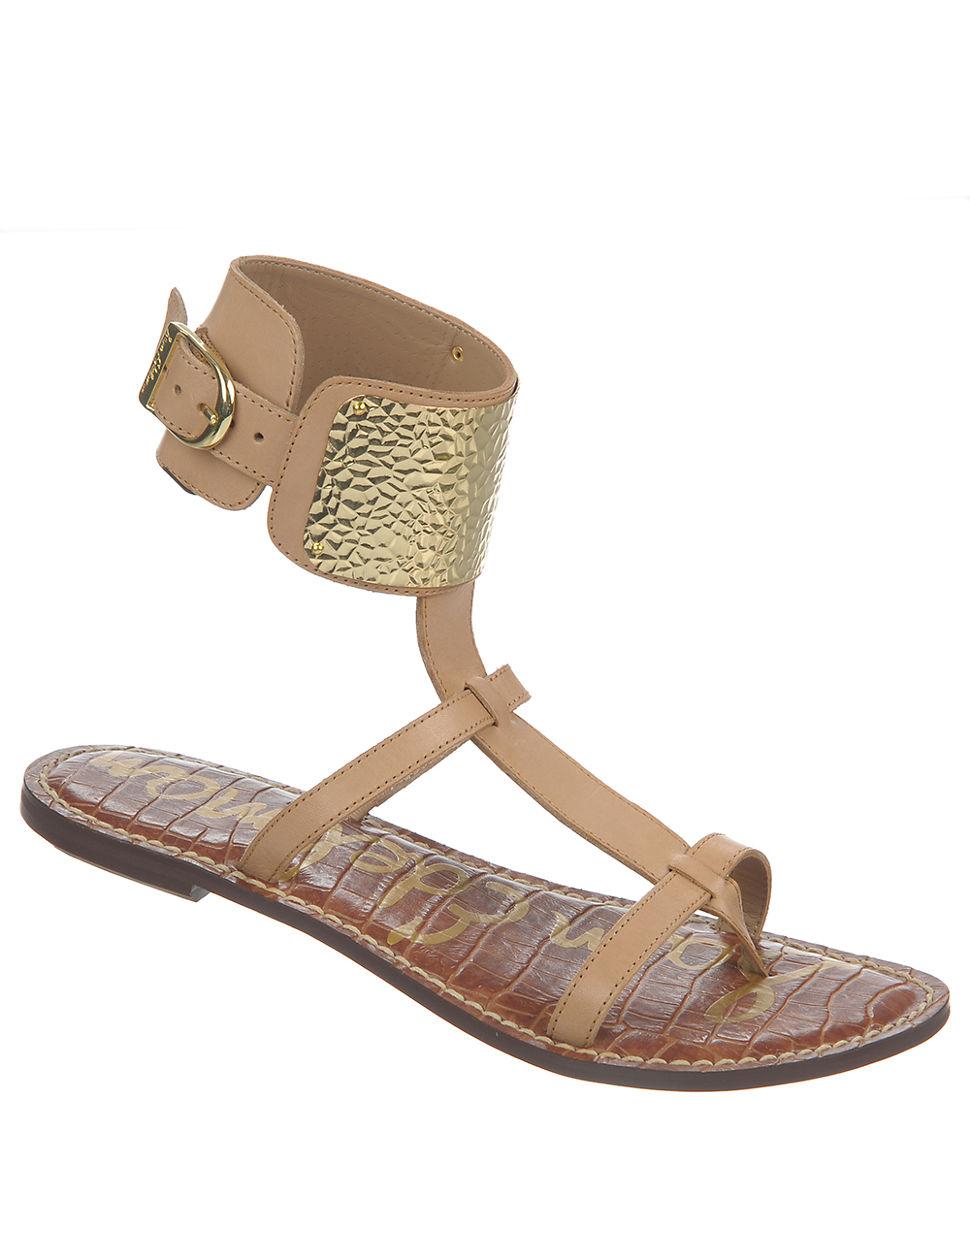 e59644fe033e1d Lyst - Sam Edelman Genette Leather Gladiator Sandals in Natural